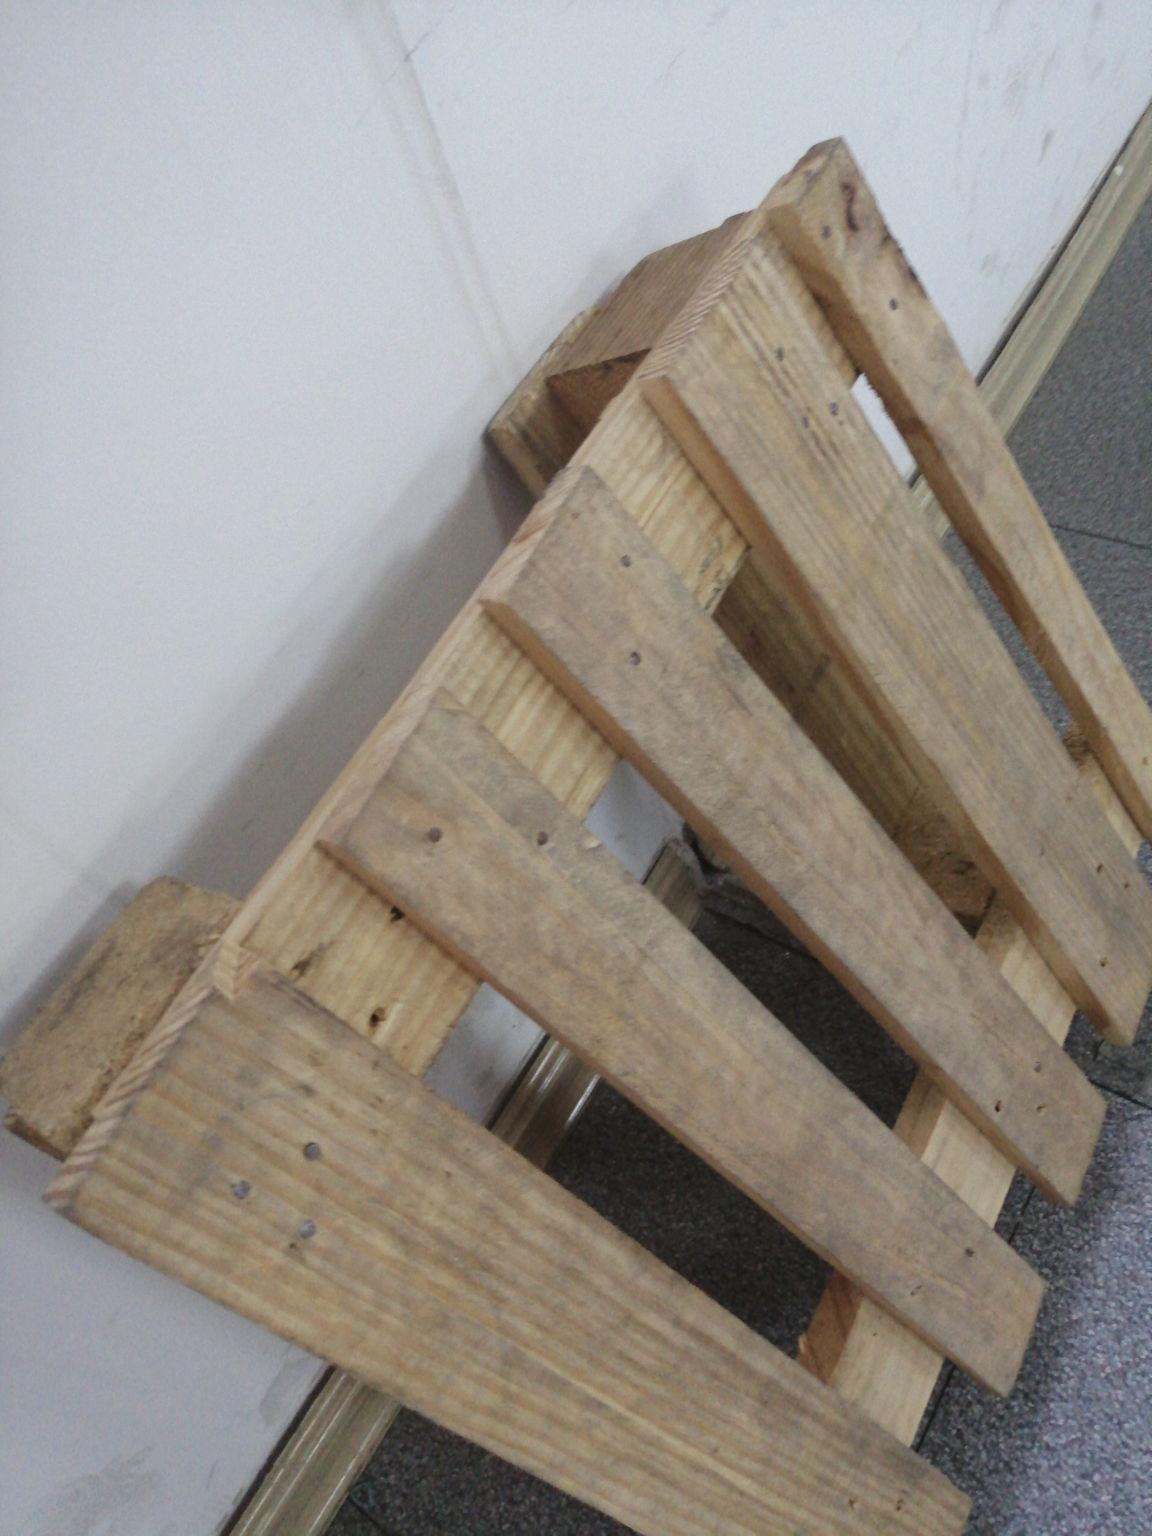 从�,ˆ╃≇�建筑木板供应报价一类新型建筑材料性能参数�,Ⓗ �设计